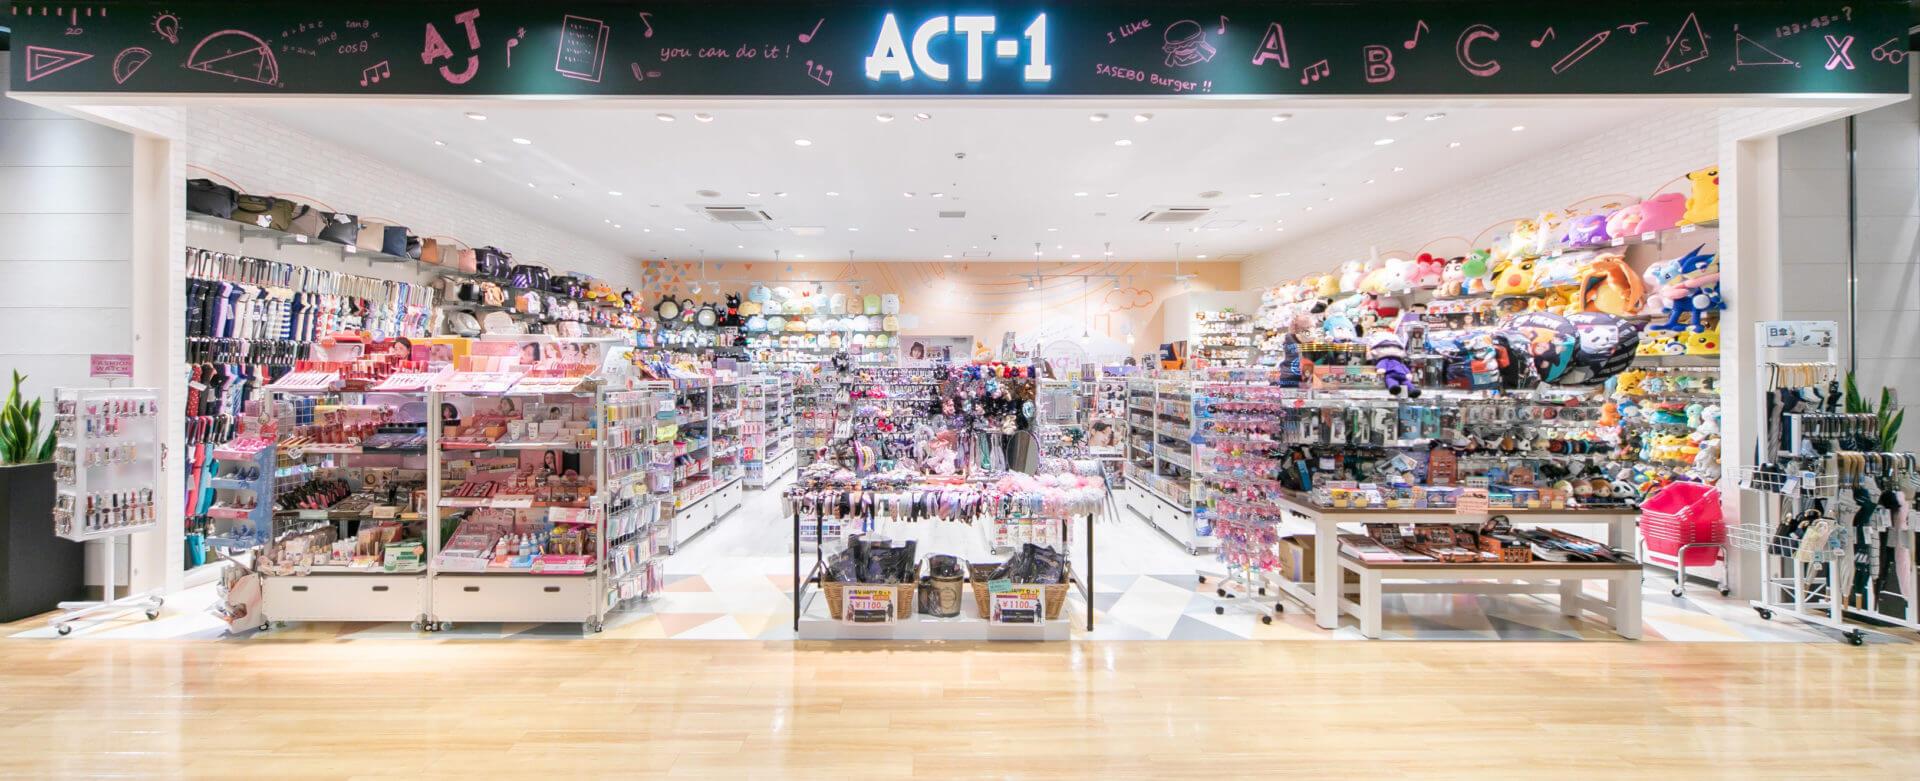 写真:ACT-1